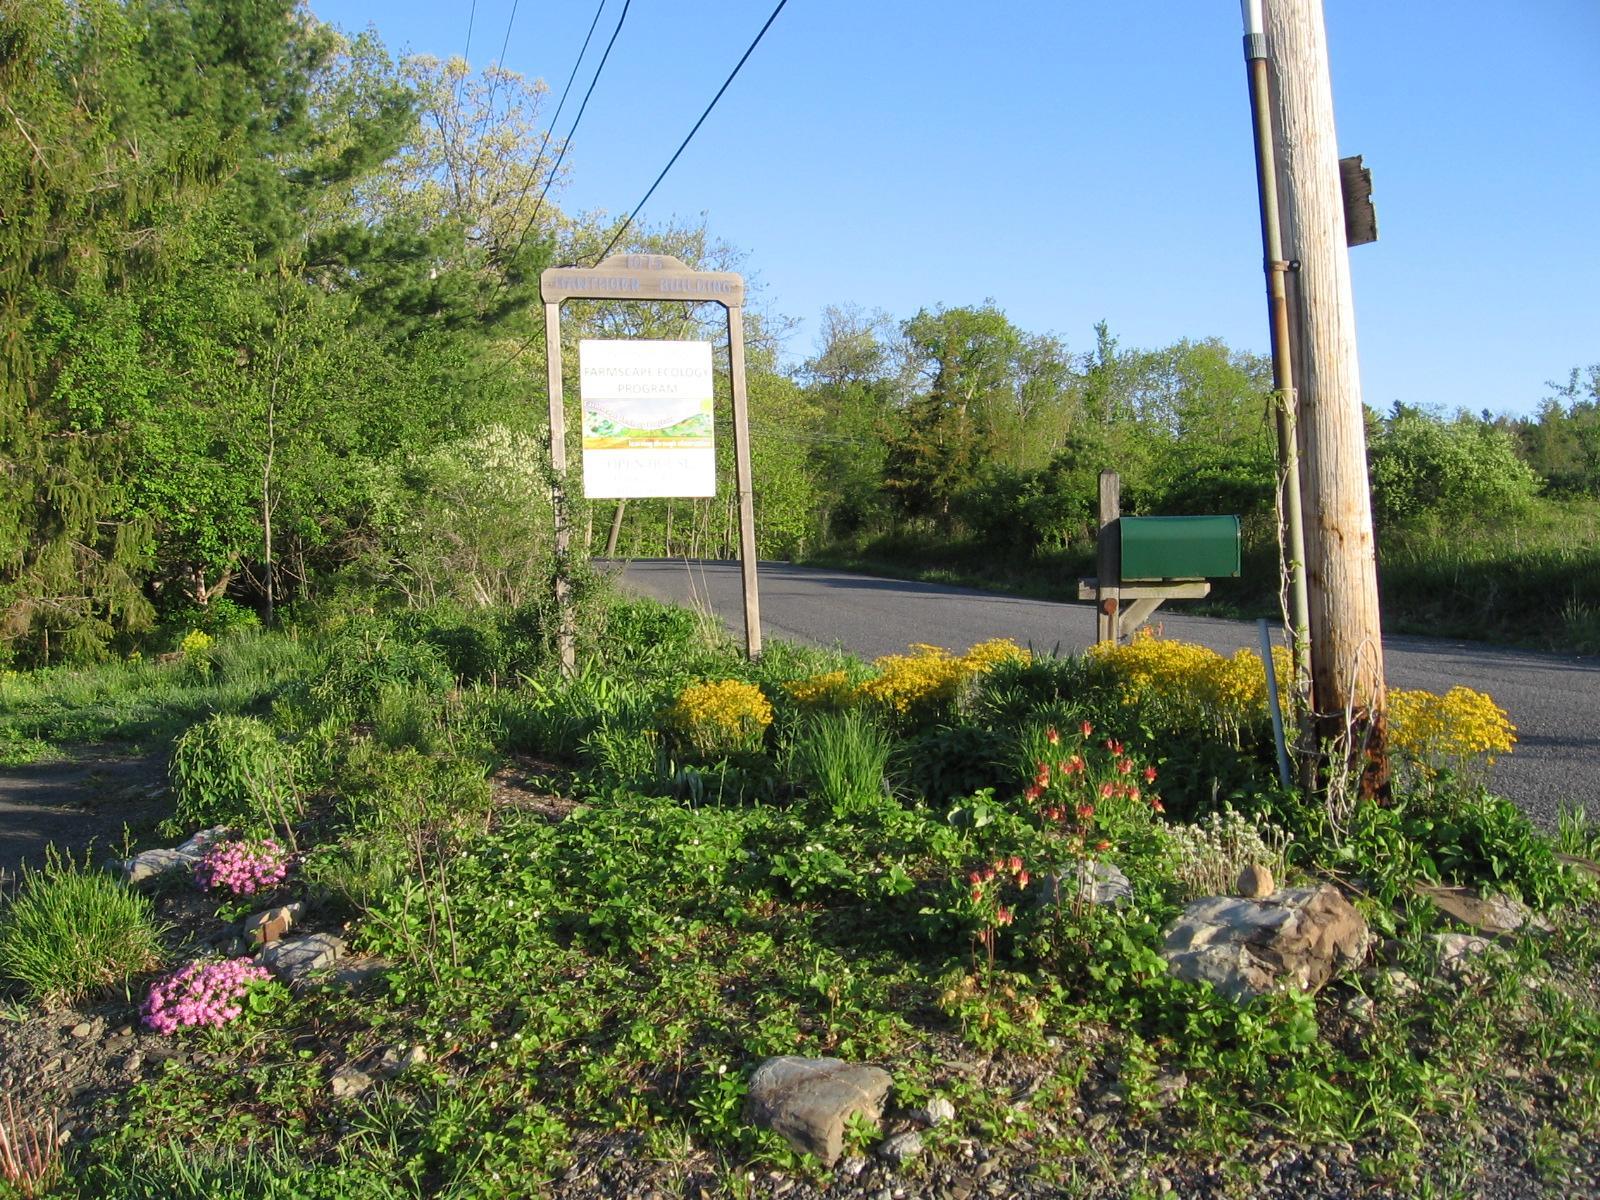 Roadside Garden in May 2012